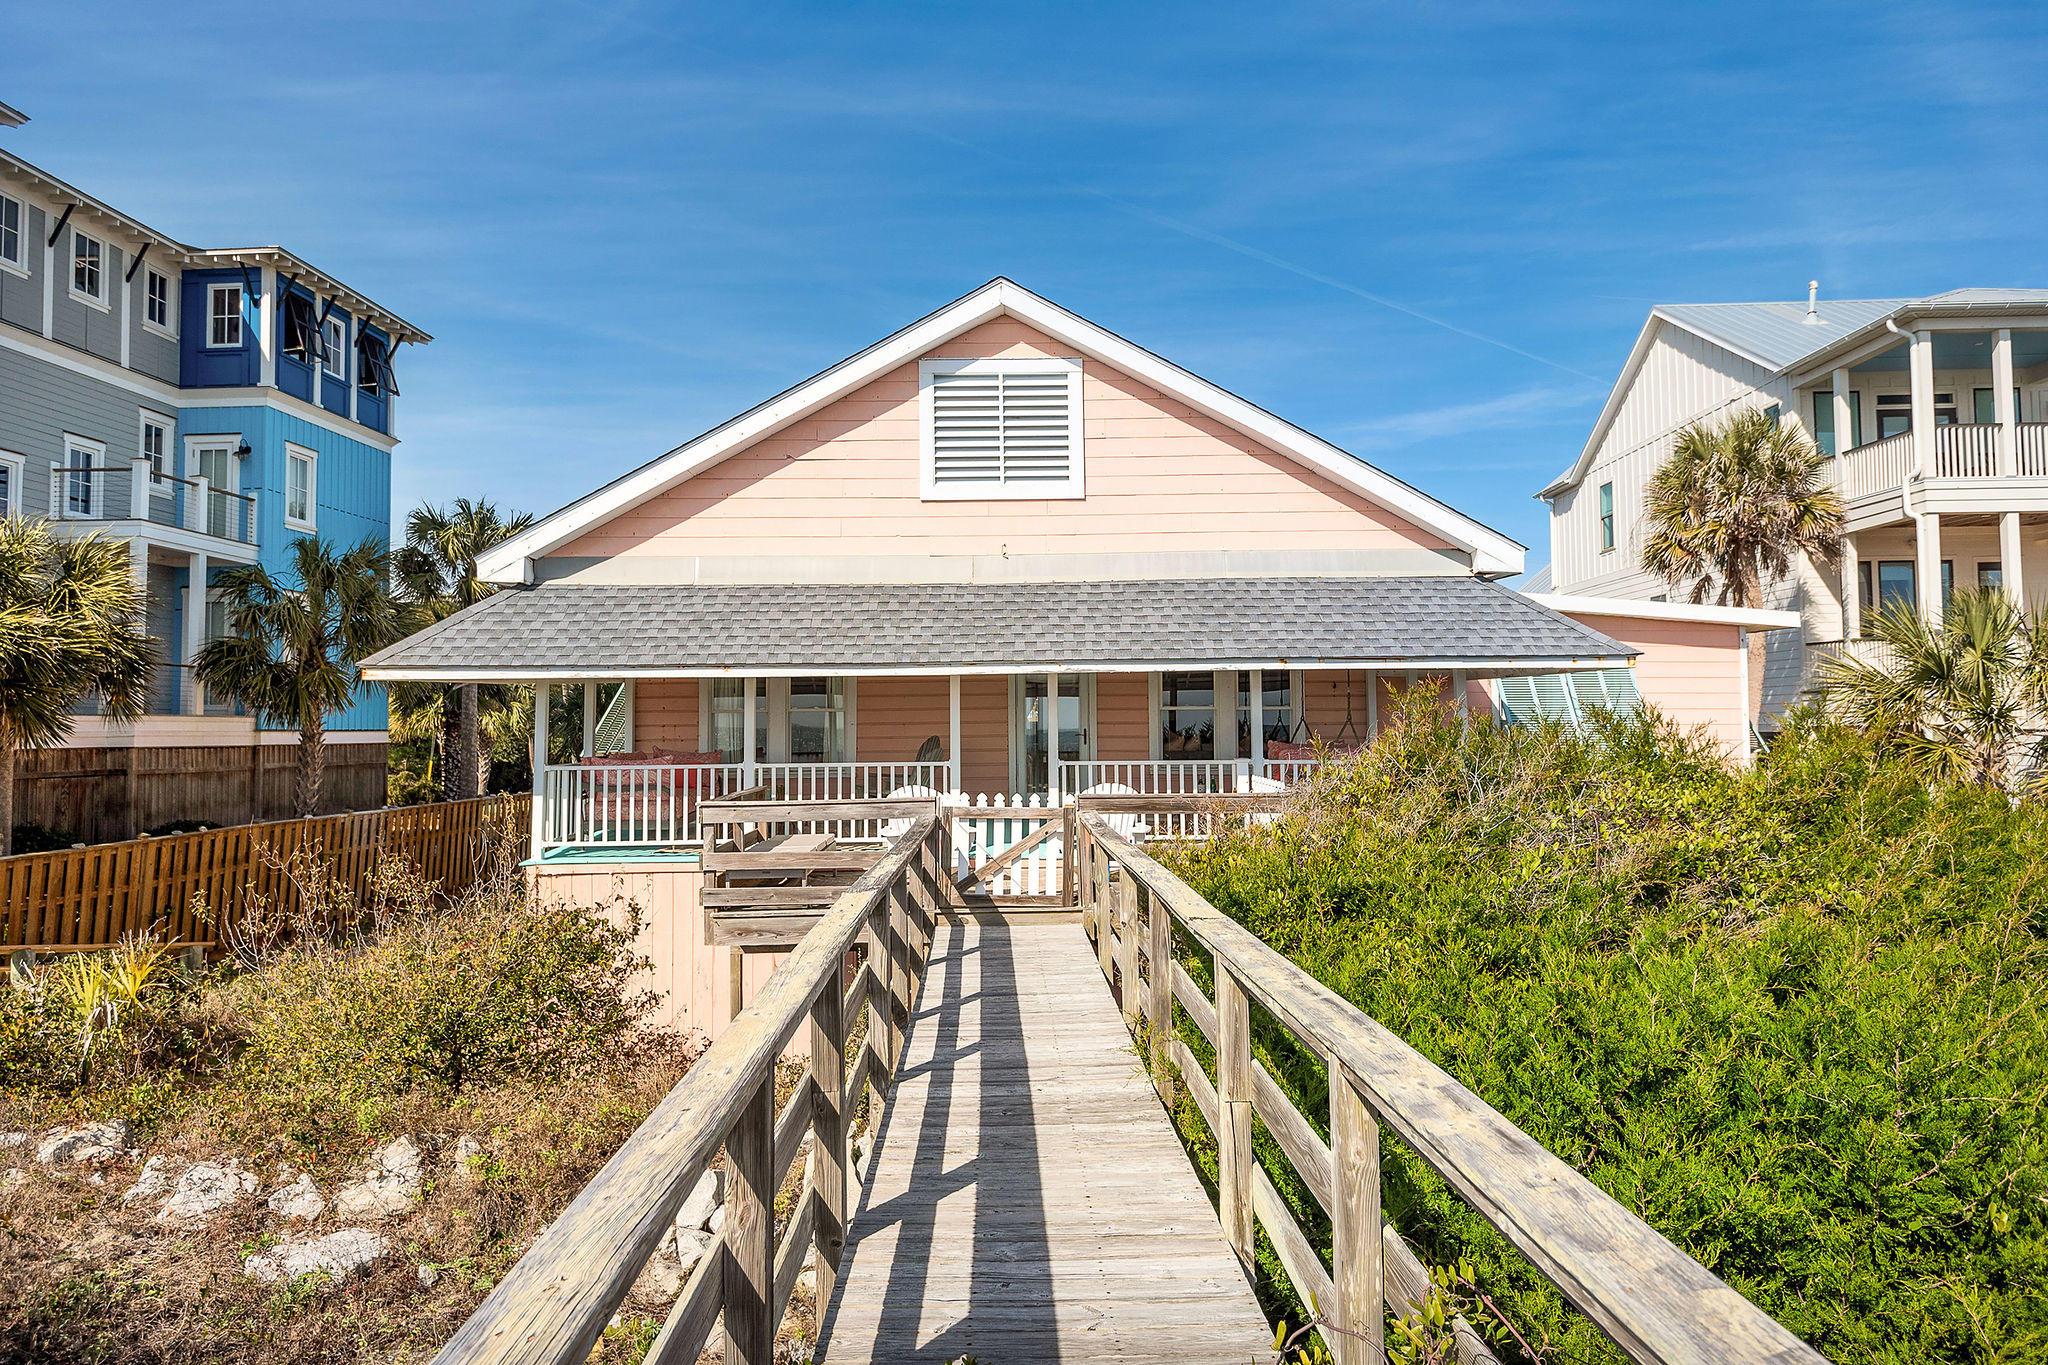 Folly Beach Homes For Sale - 509 Ashley, Folly Beach, SC - 72